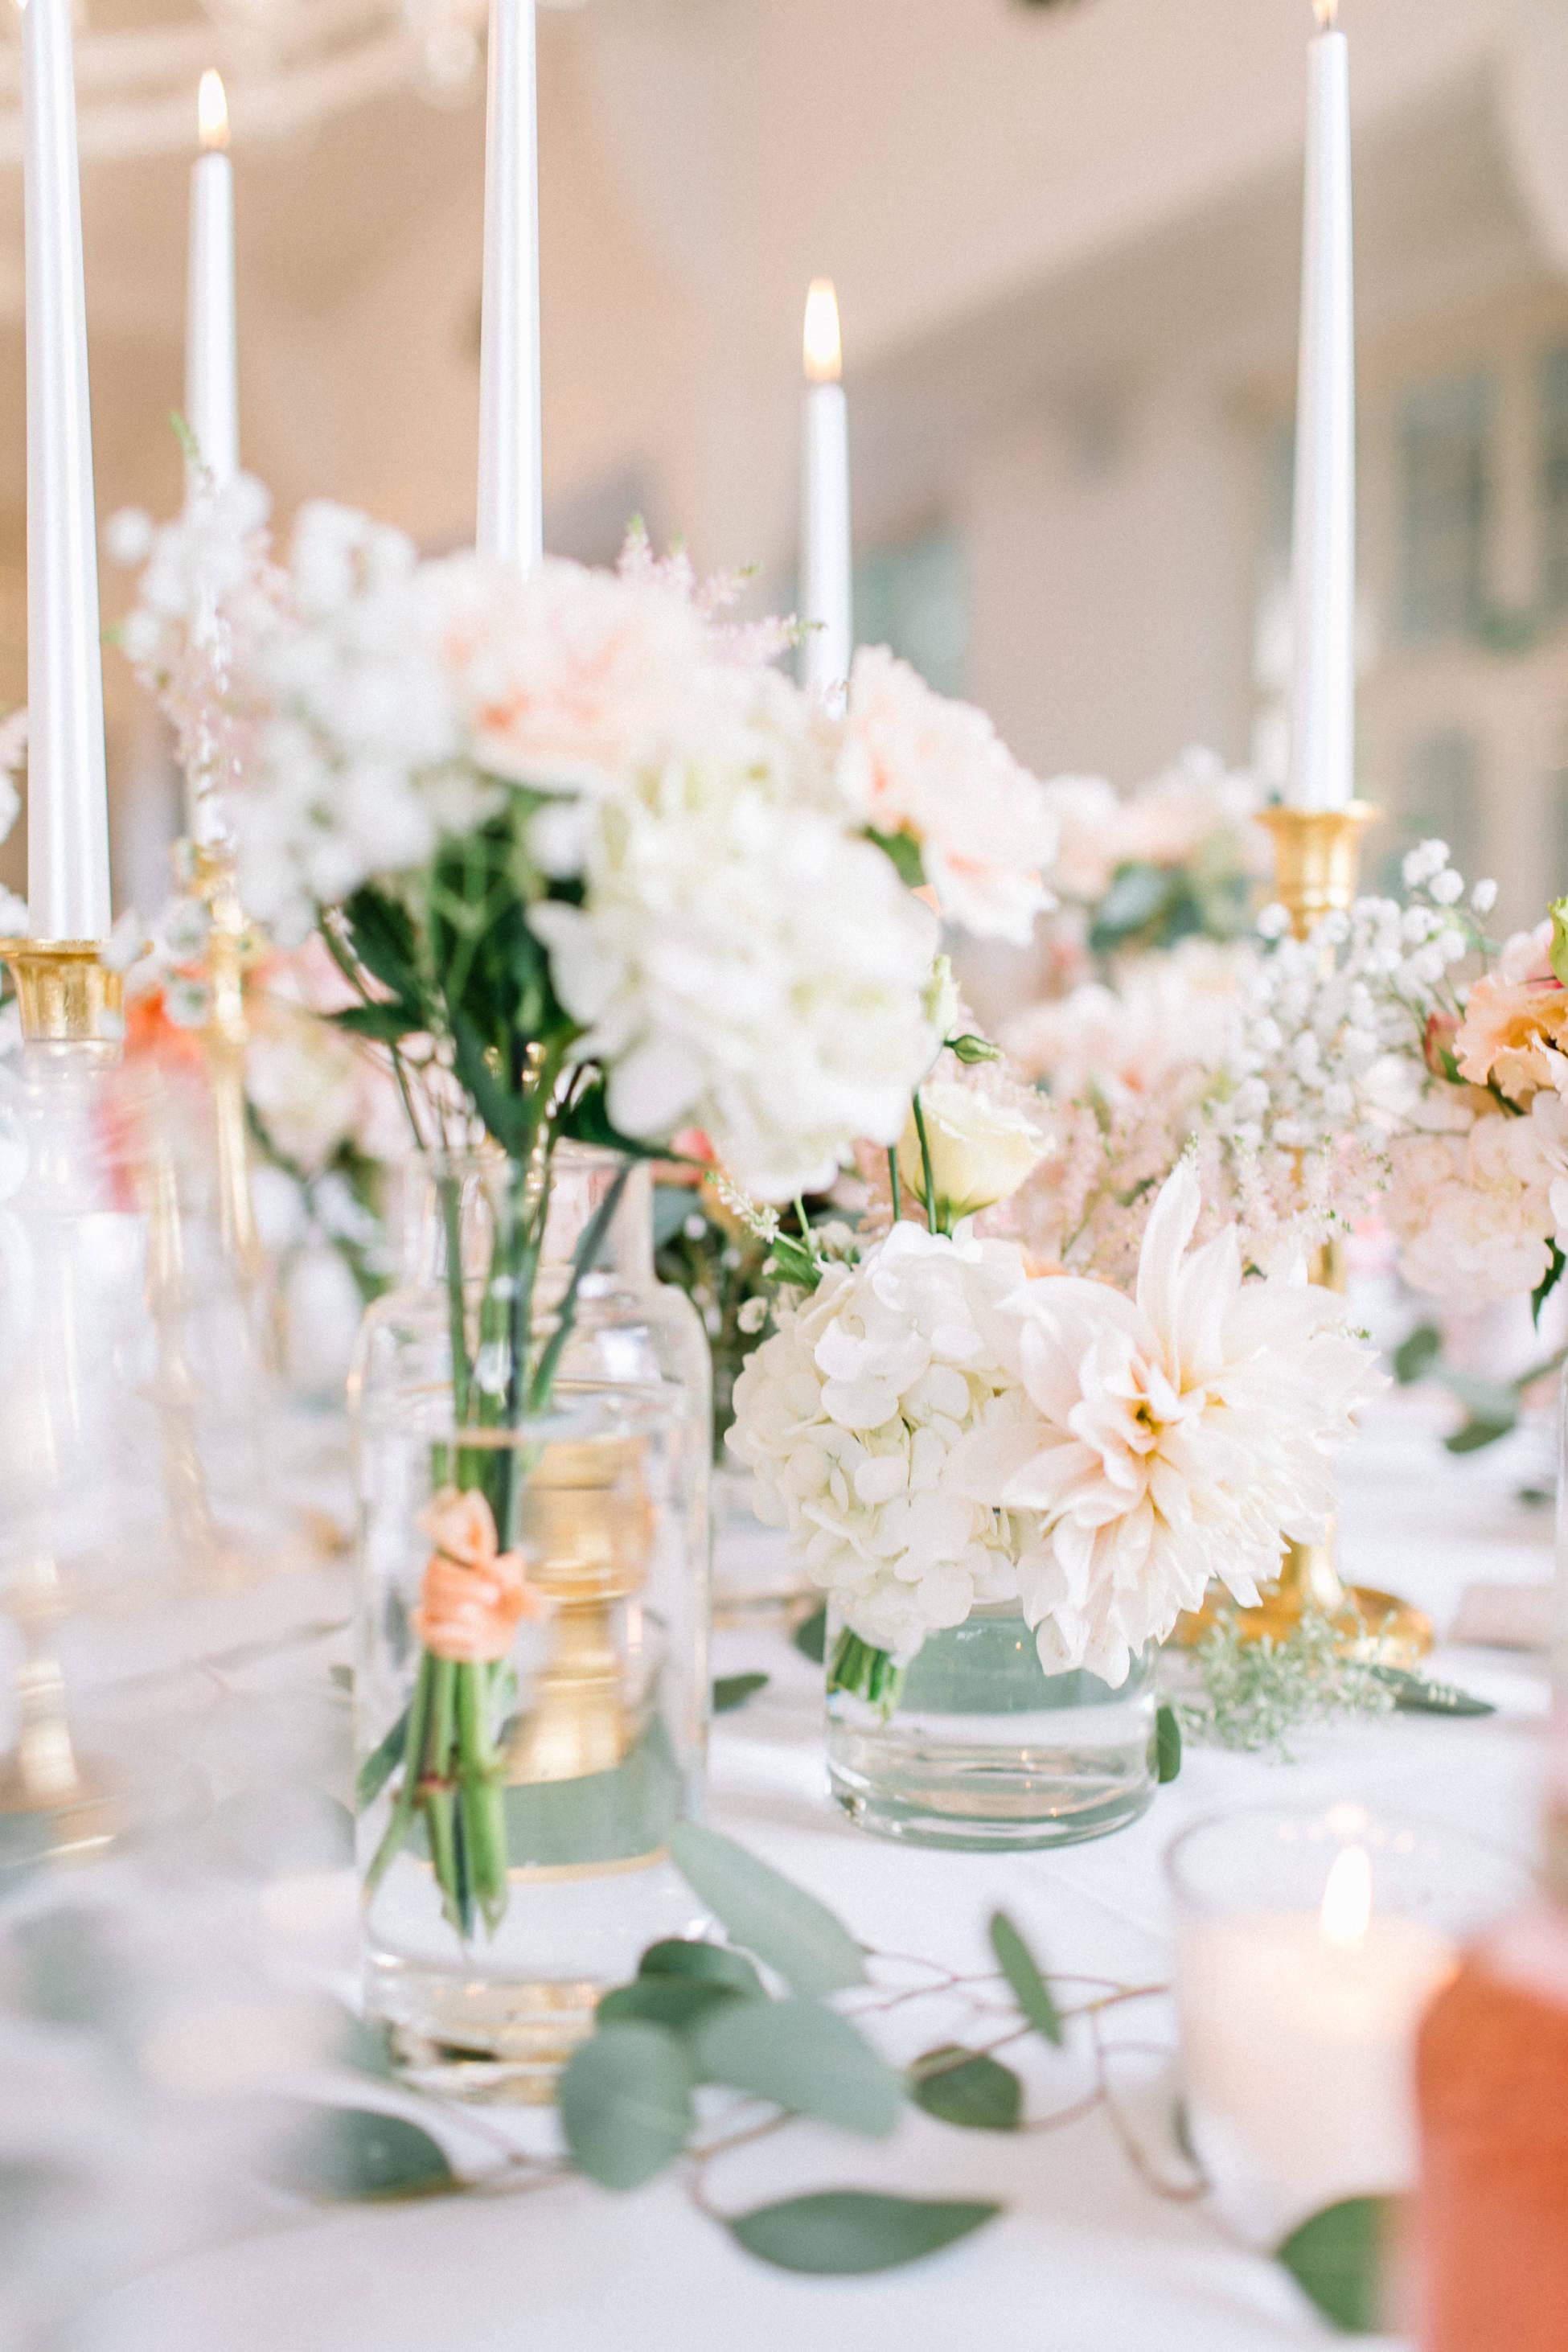 Fabijan_Vuksic_Hochzeitsfotograf_Weddingphotographer_Hamburg_Yachthafen_Anna_Brinckmann_Weddingplanner_Eventdesign_Elbe_Blumengraaf_Steffi-Erik-786